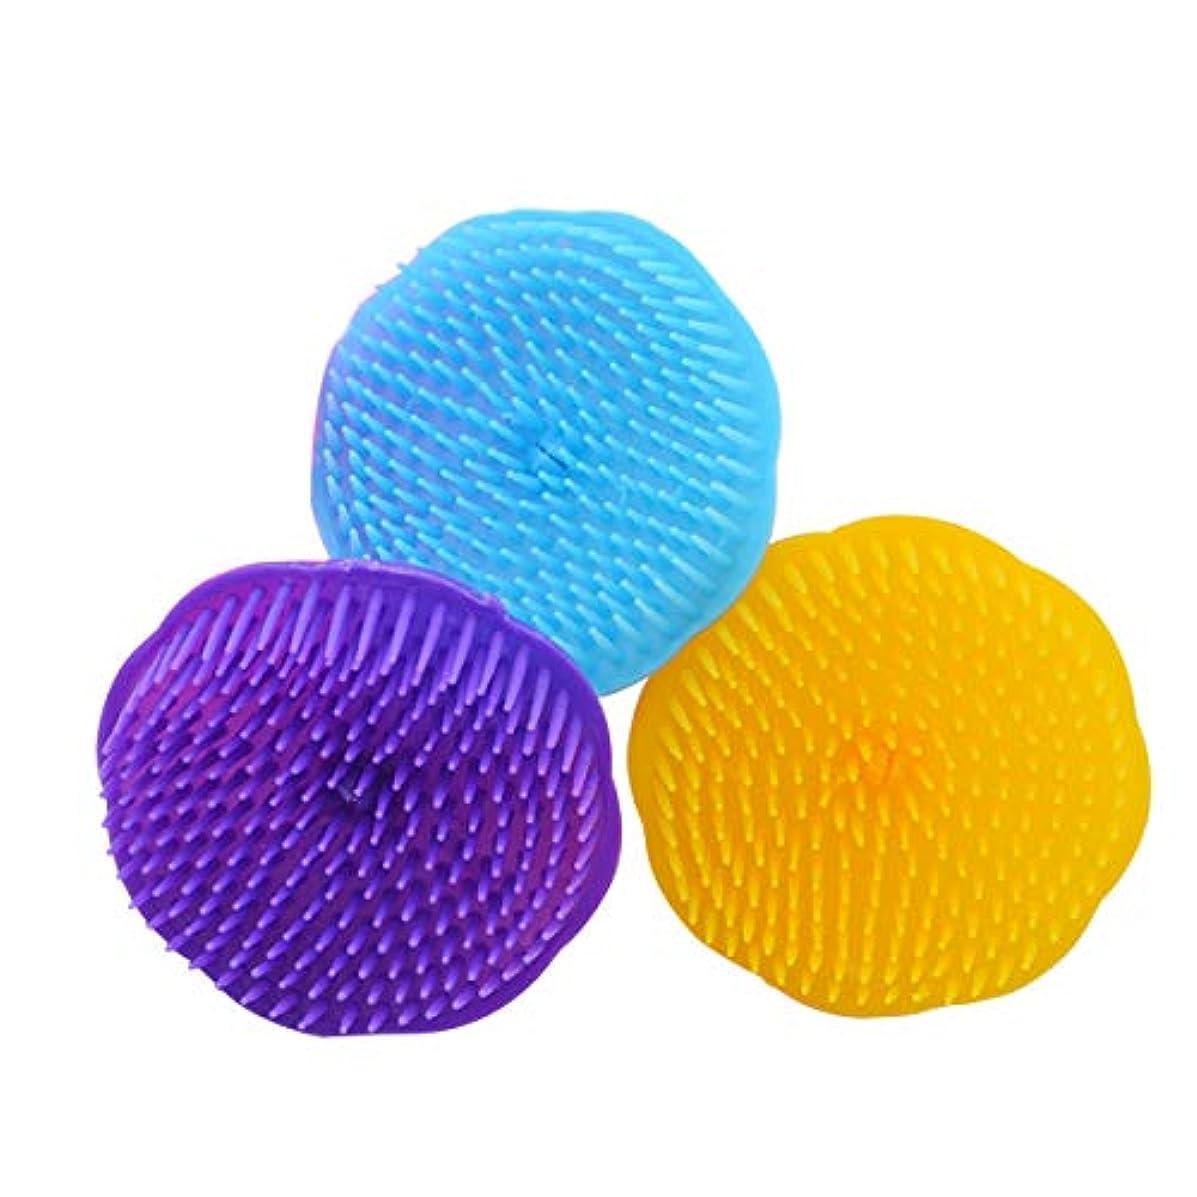 排他的戸棚施設SUPVOX ヘアマッサージブラシ シャワーシャンプー頭皮ブラシヘッドボディマッサージスパスリミングブラシ3PCS(ランダムカラー)